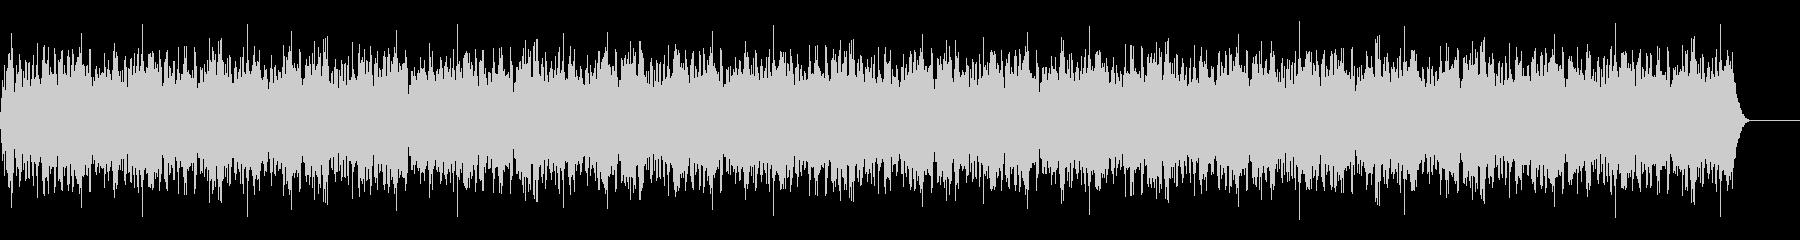 機械稼働音5の未再生の波形